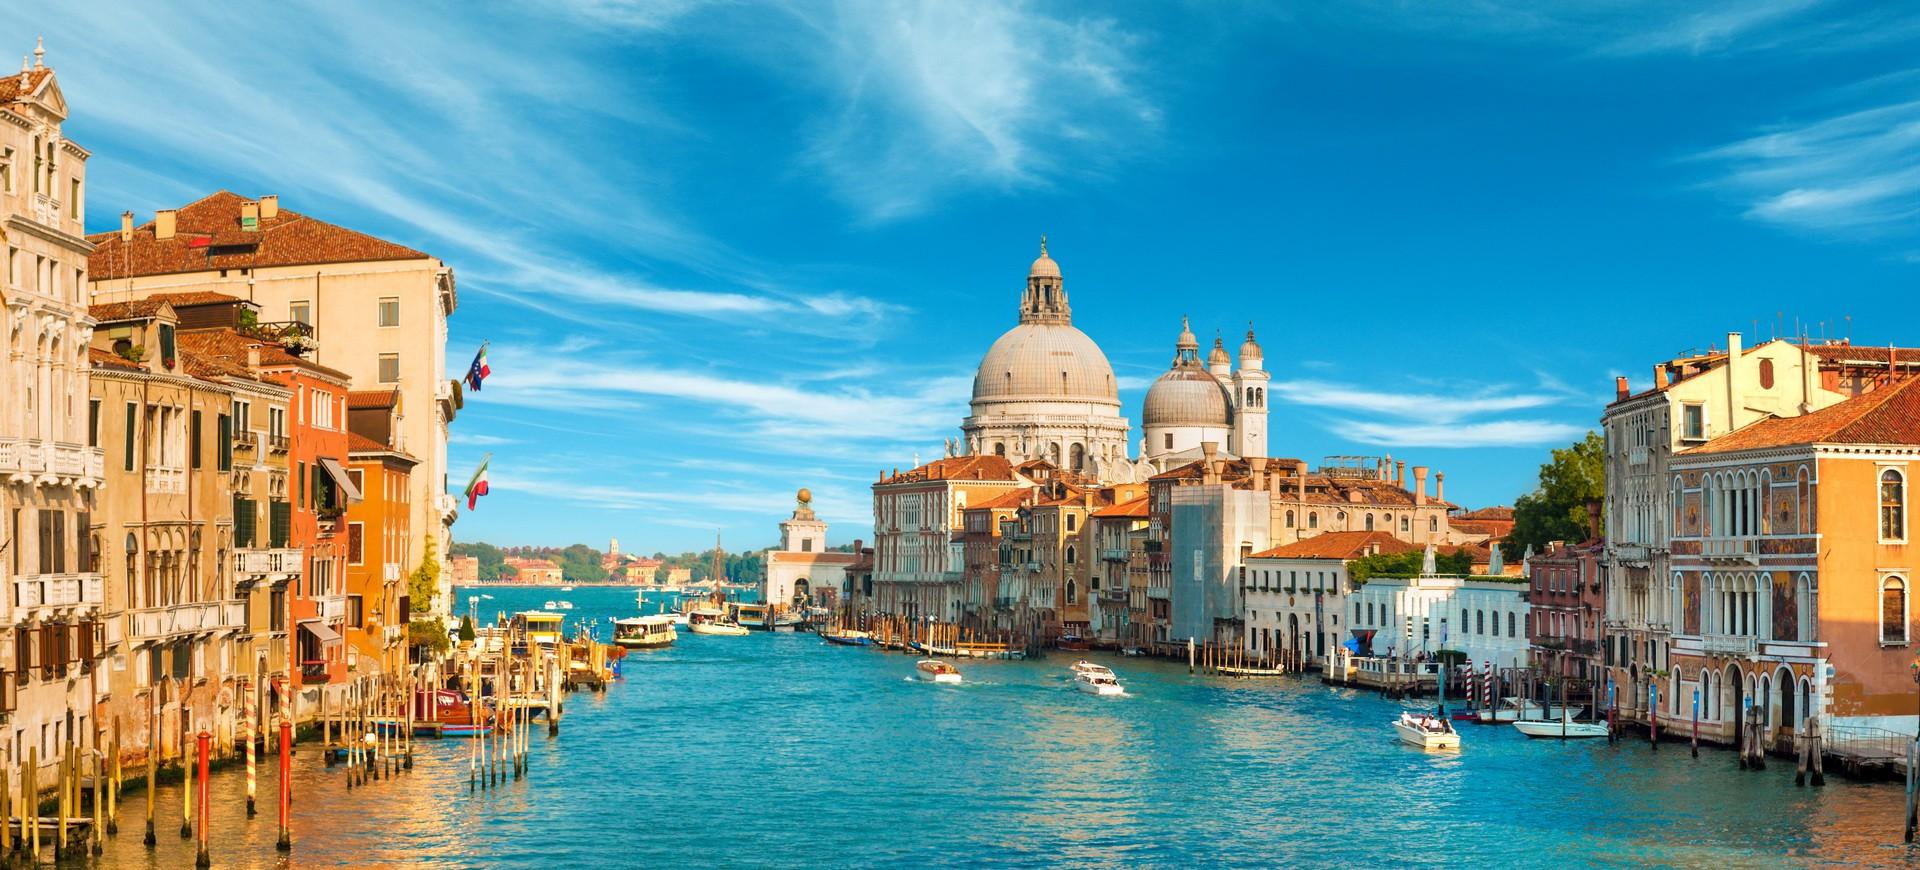 Nos voyages et séjours en Italie